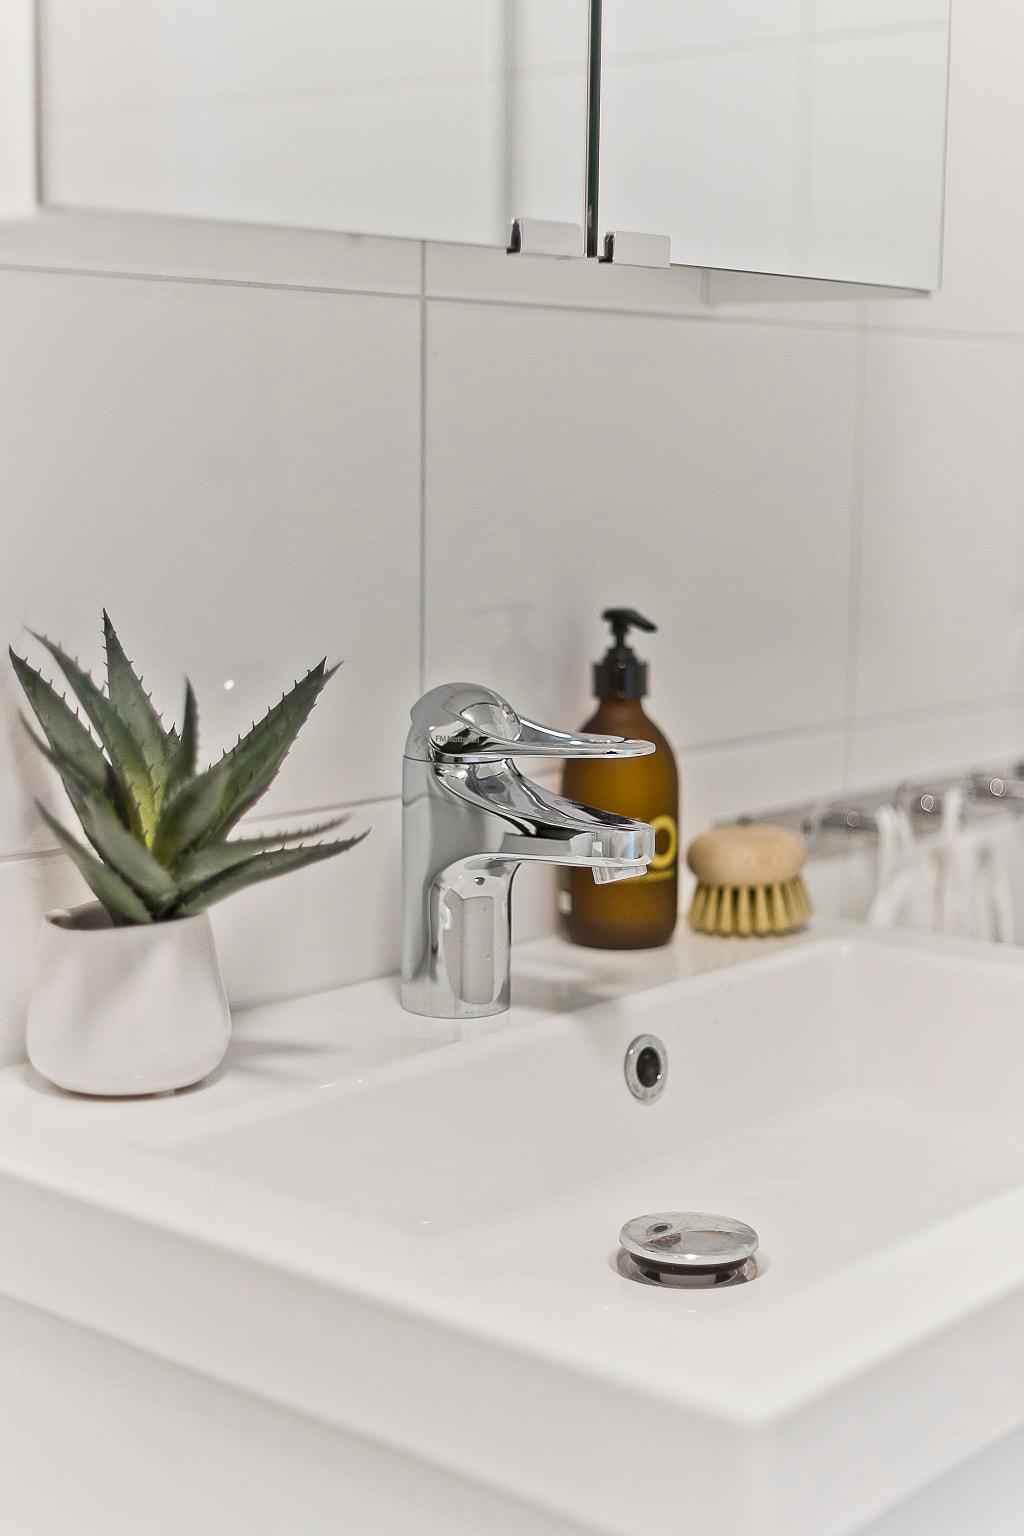 detaljbild på handfat i ljust badrum